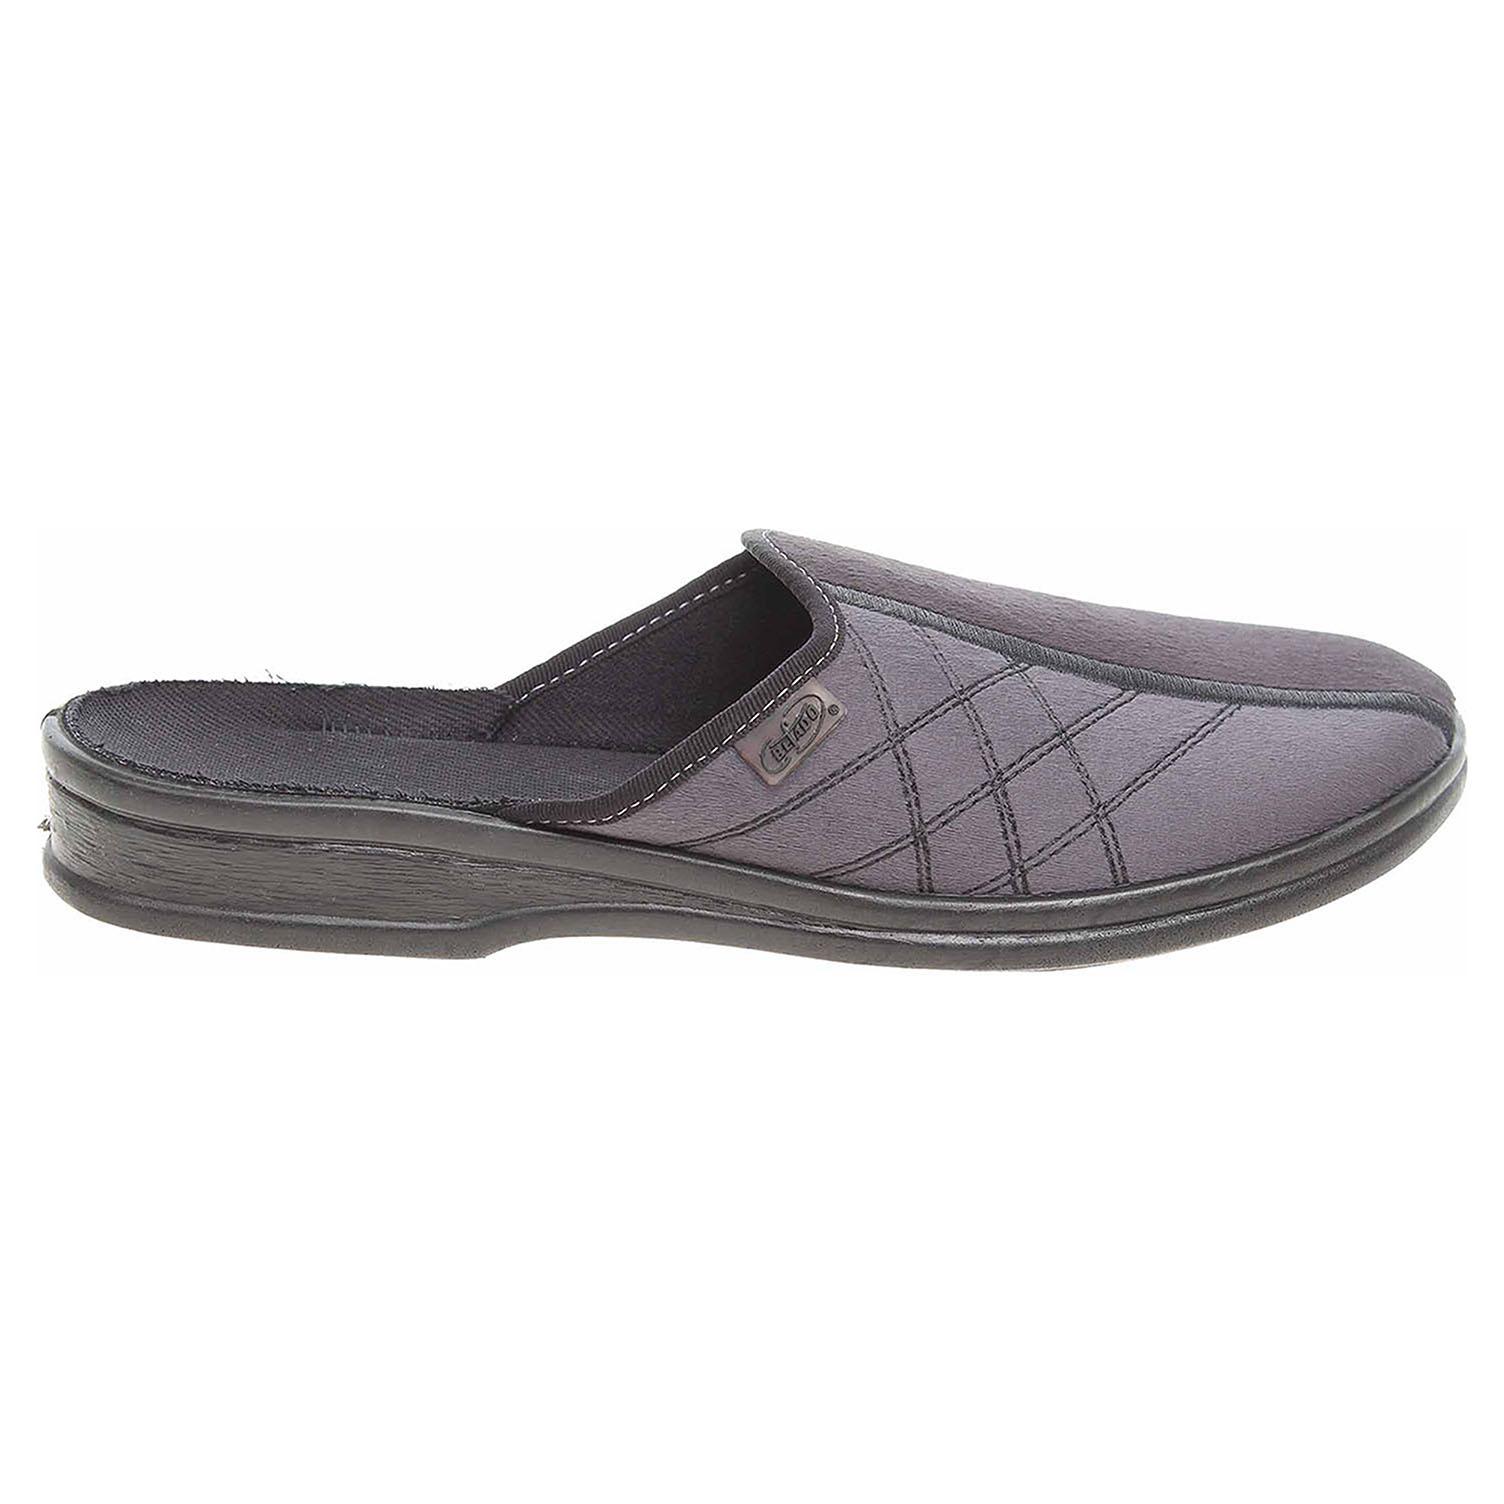 Befado domácí pantofle 093M015 černá-šedá 093M015 41